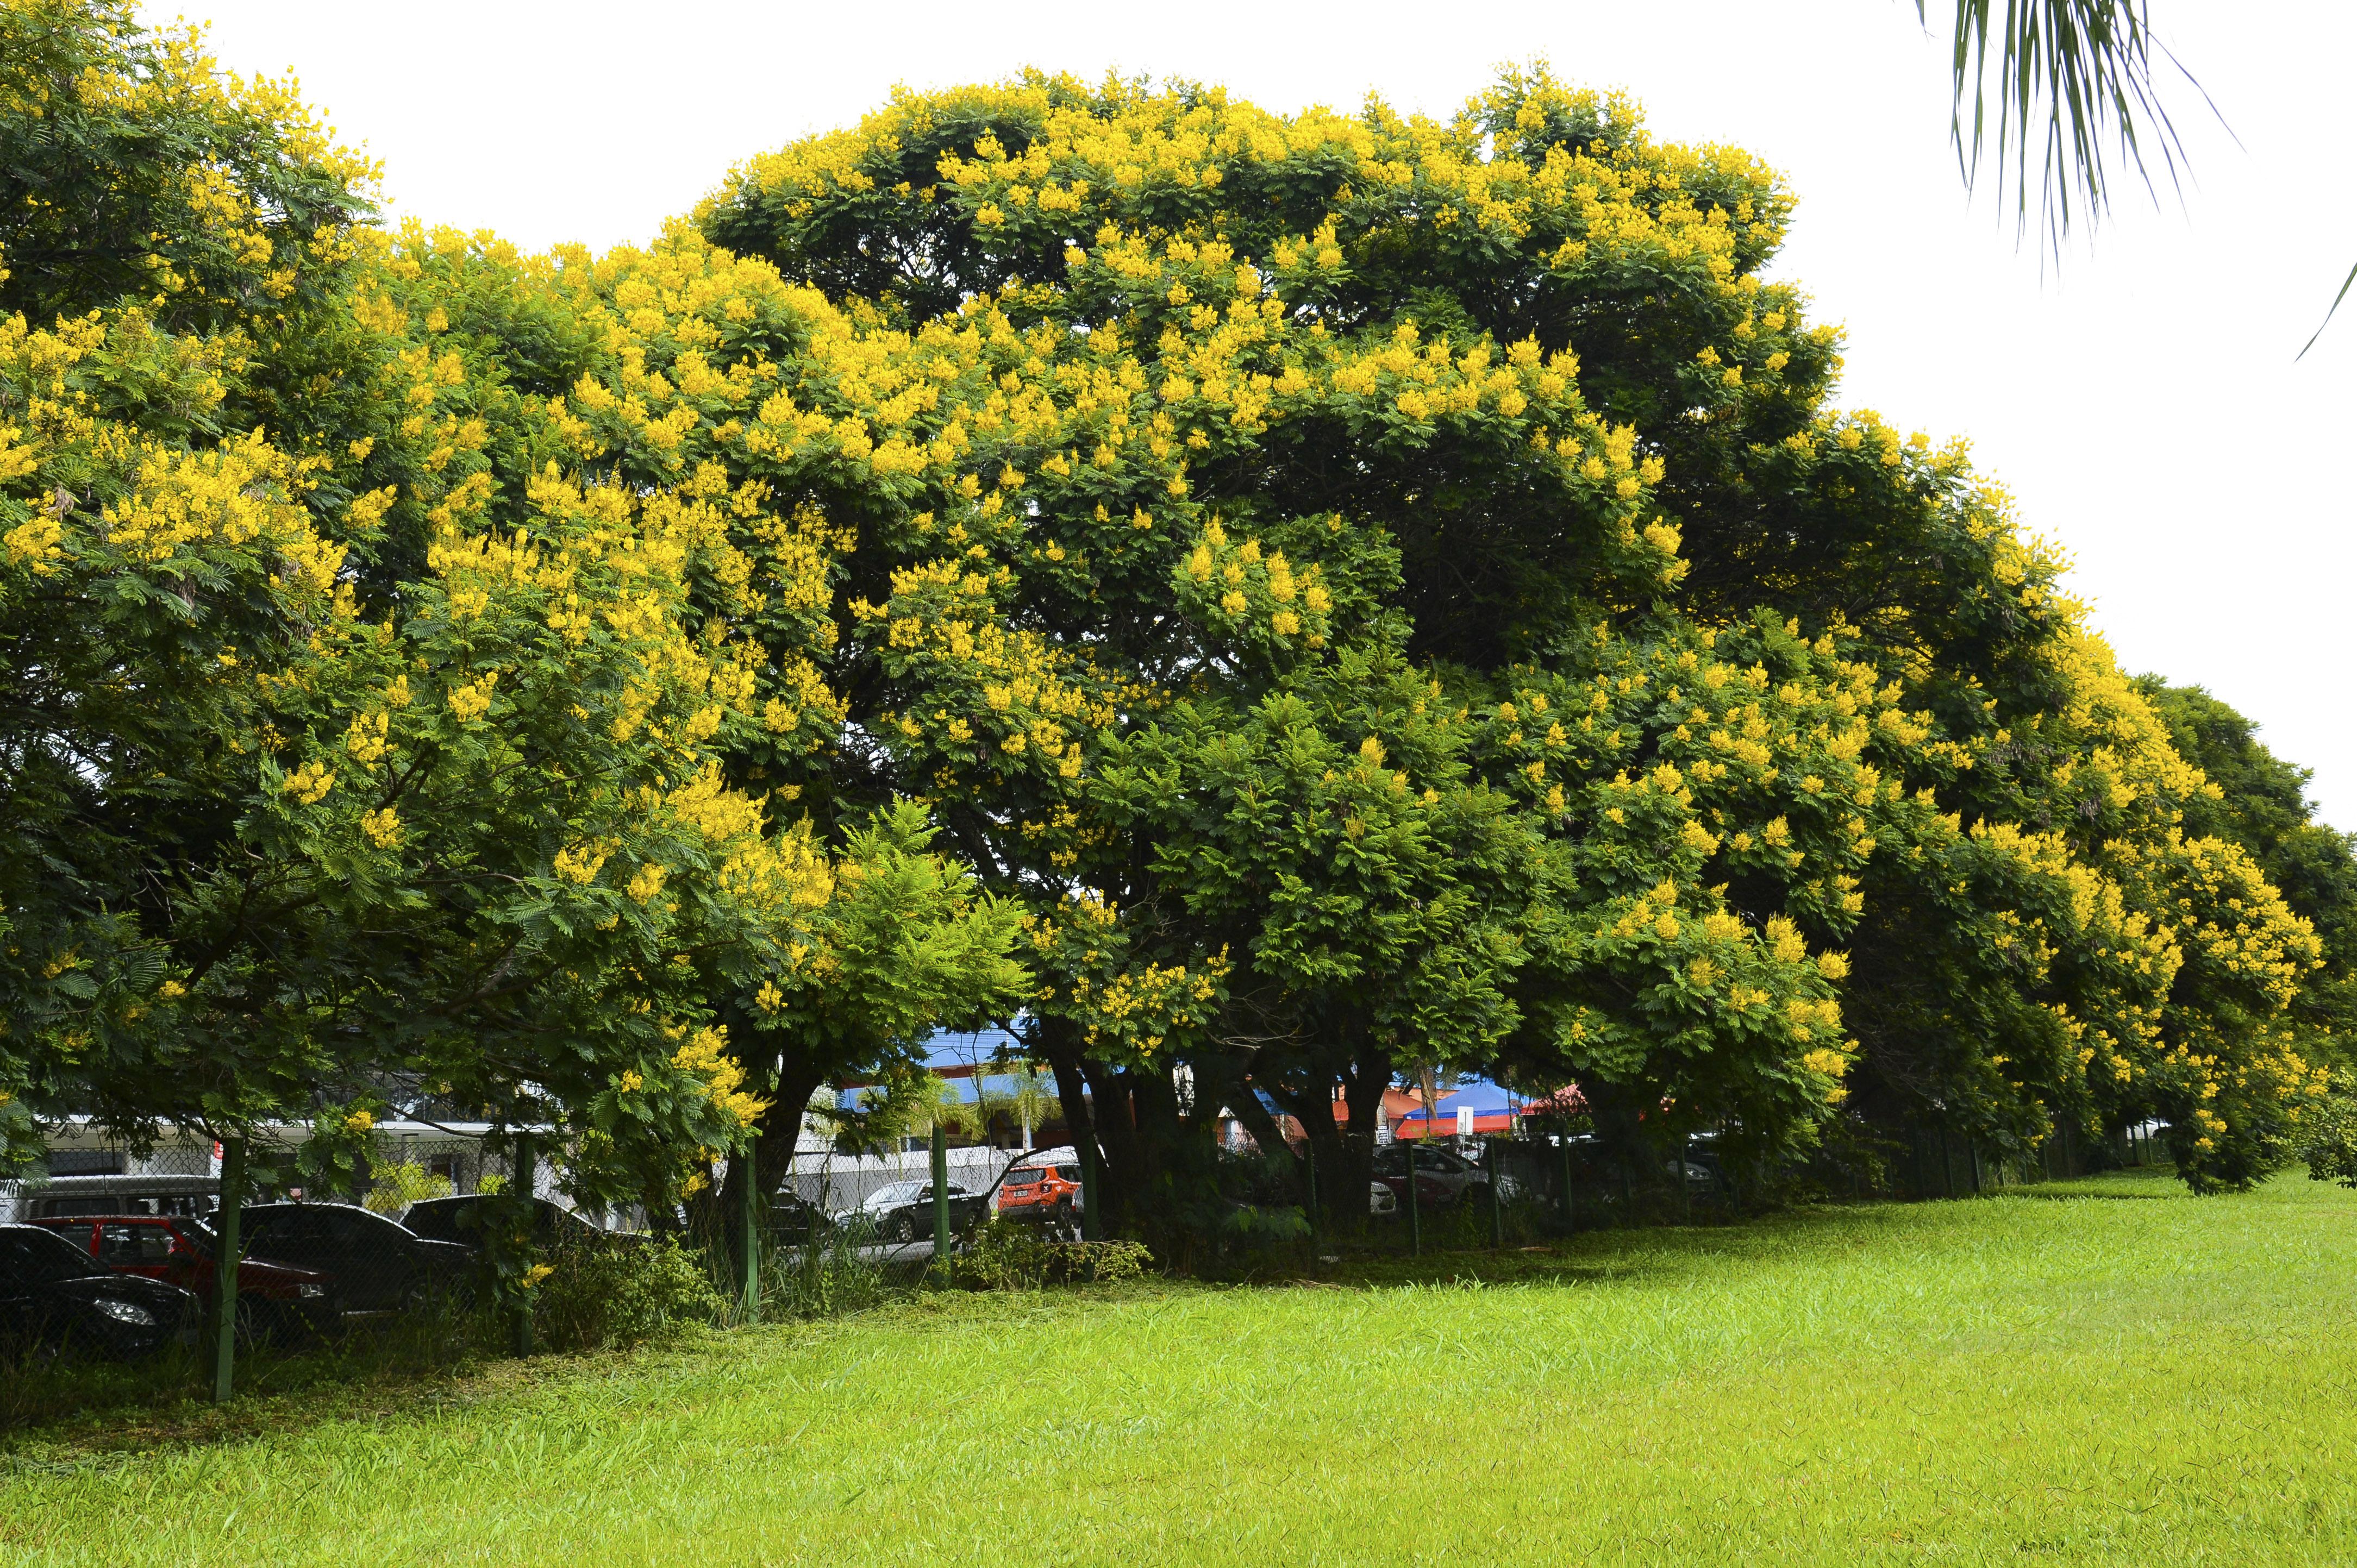 Árvores da espécie Peltophorum dubium, conhecida popularmente como Cambuí, enfeitam a capital federalAntonio Cruz/Agência Brasil